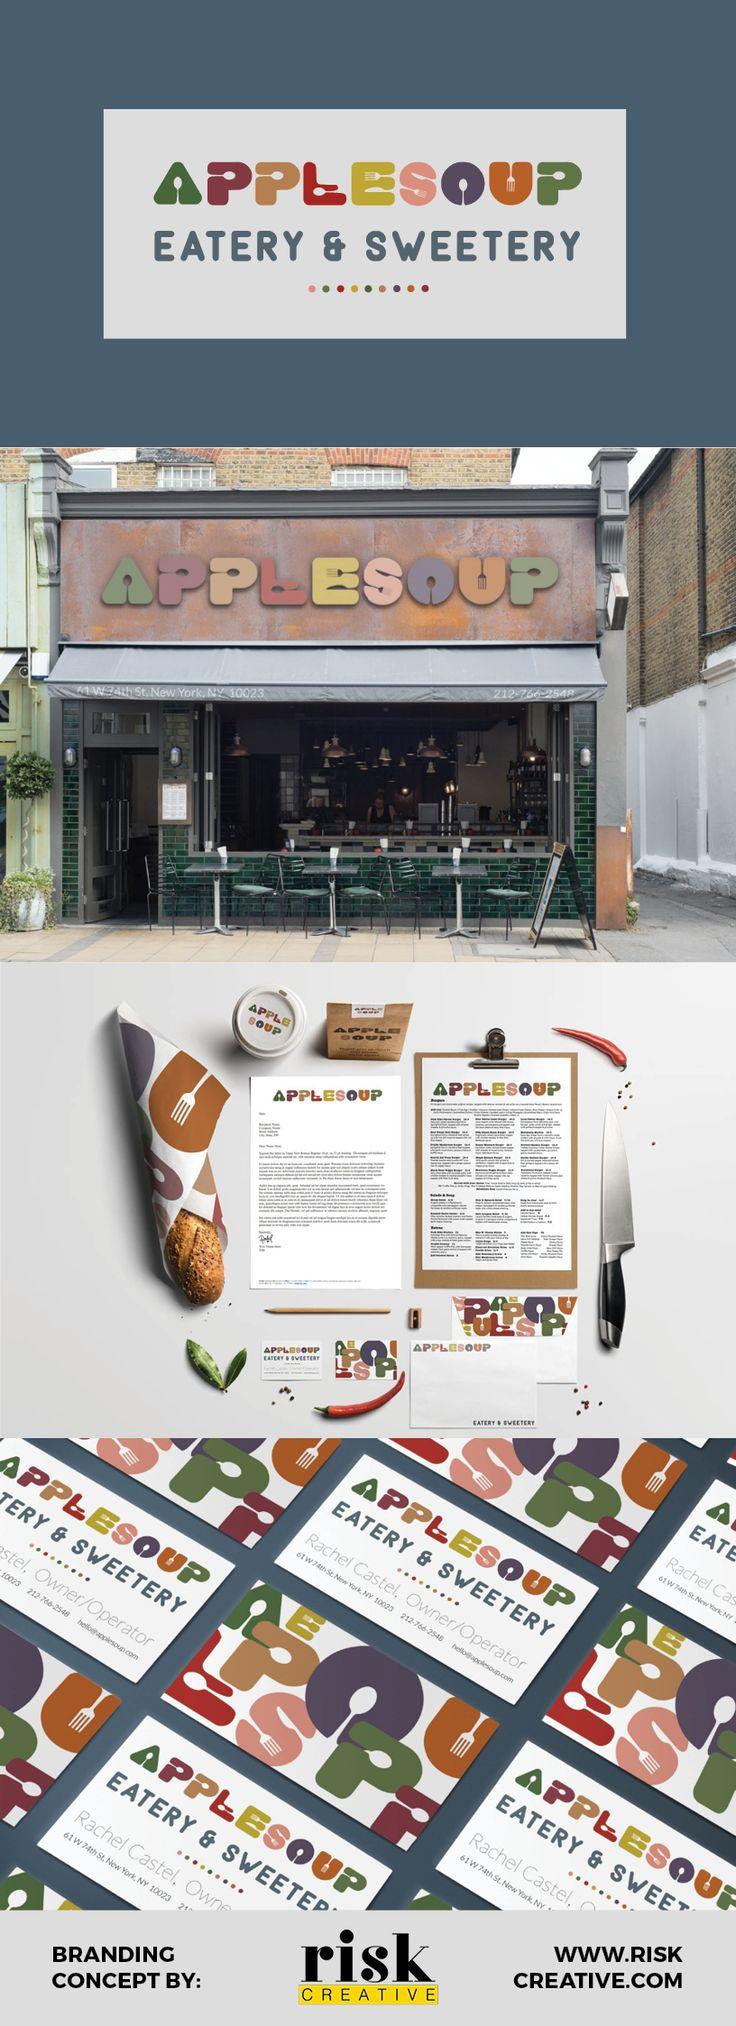 Applesoup branding concept by Risk Creative www.riskcreative.com  #branding #brandingidentity #brandingconcept #restaurantbranding